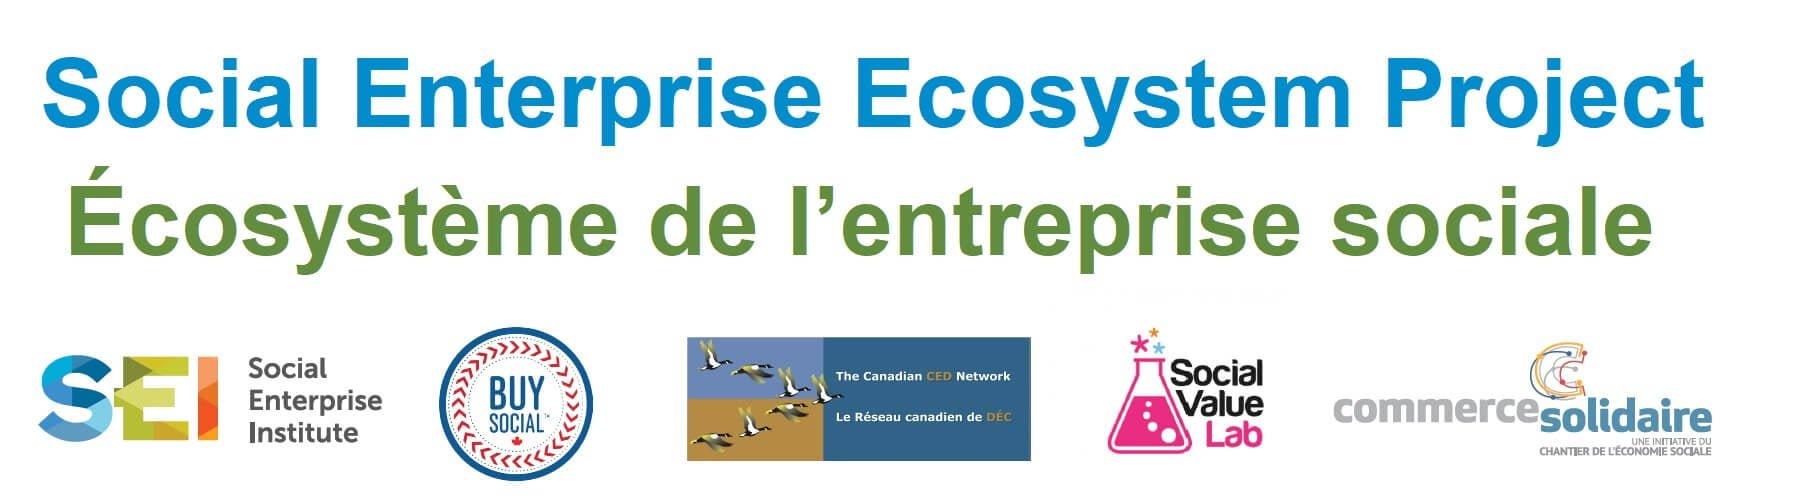 social enterprise ecosystem project